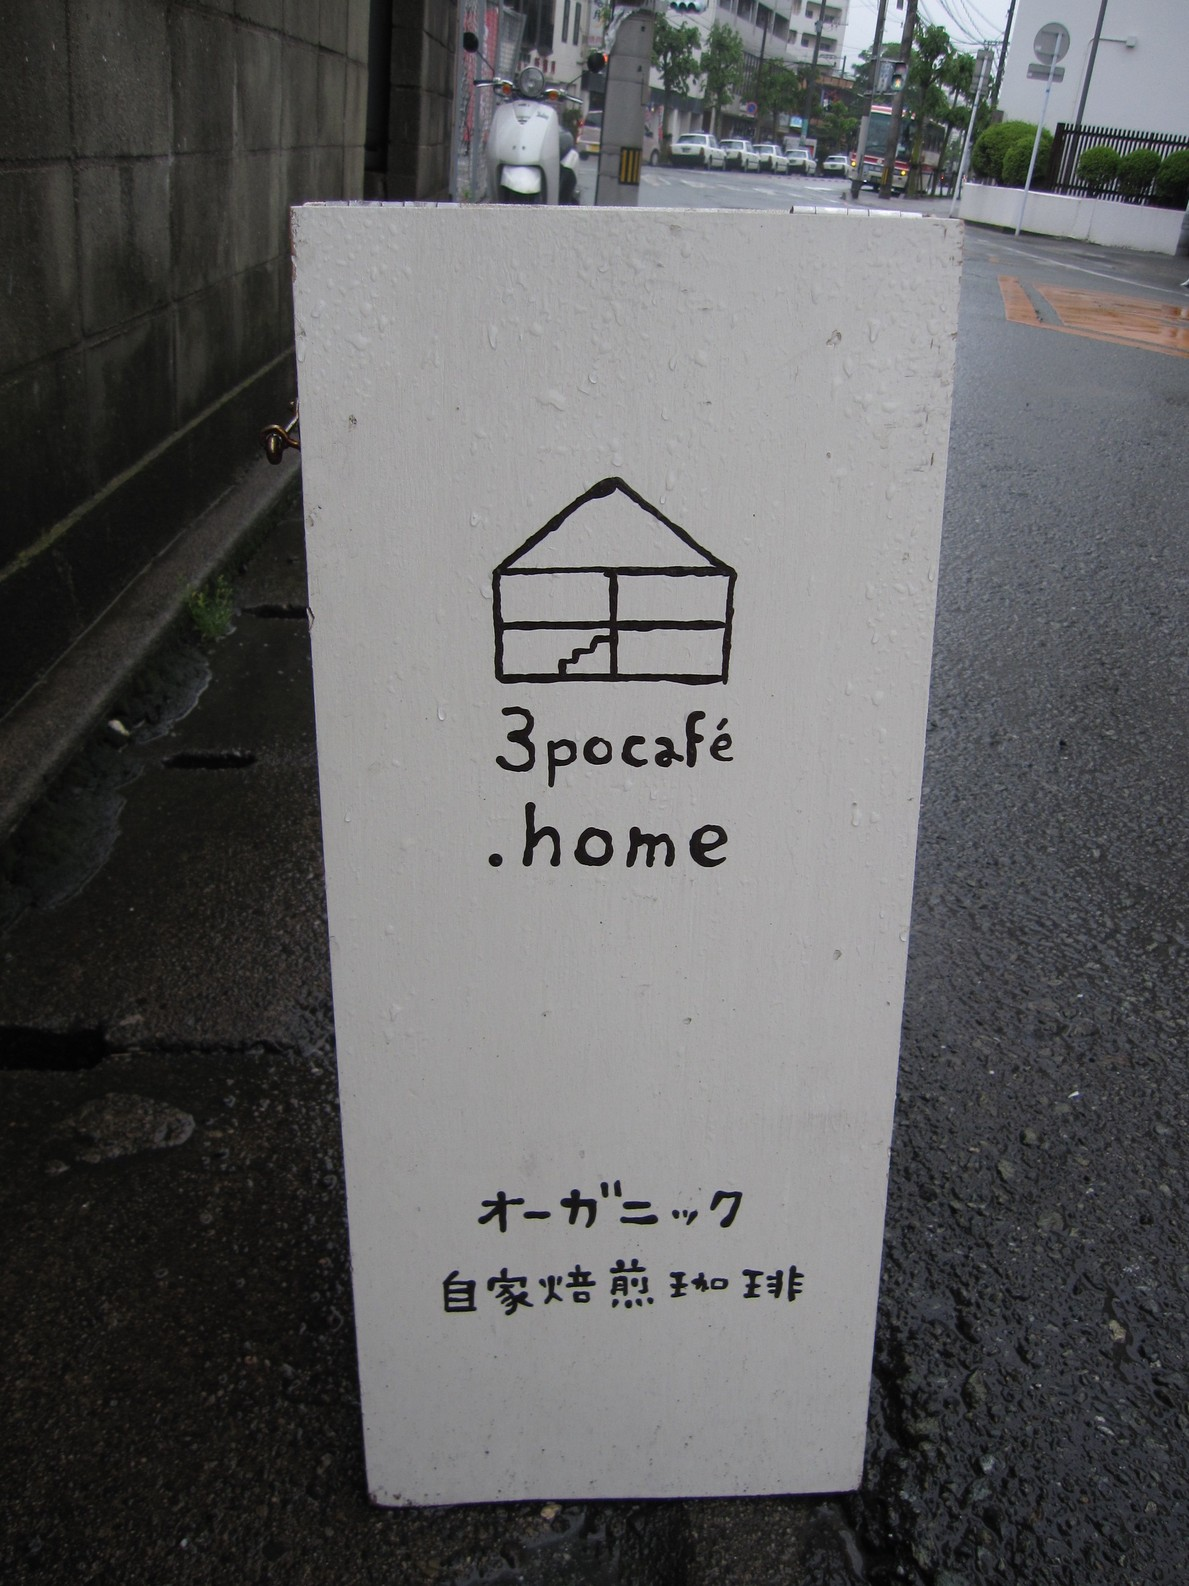 サンポカフェ ホーム